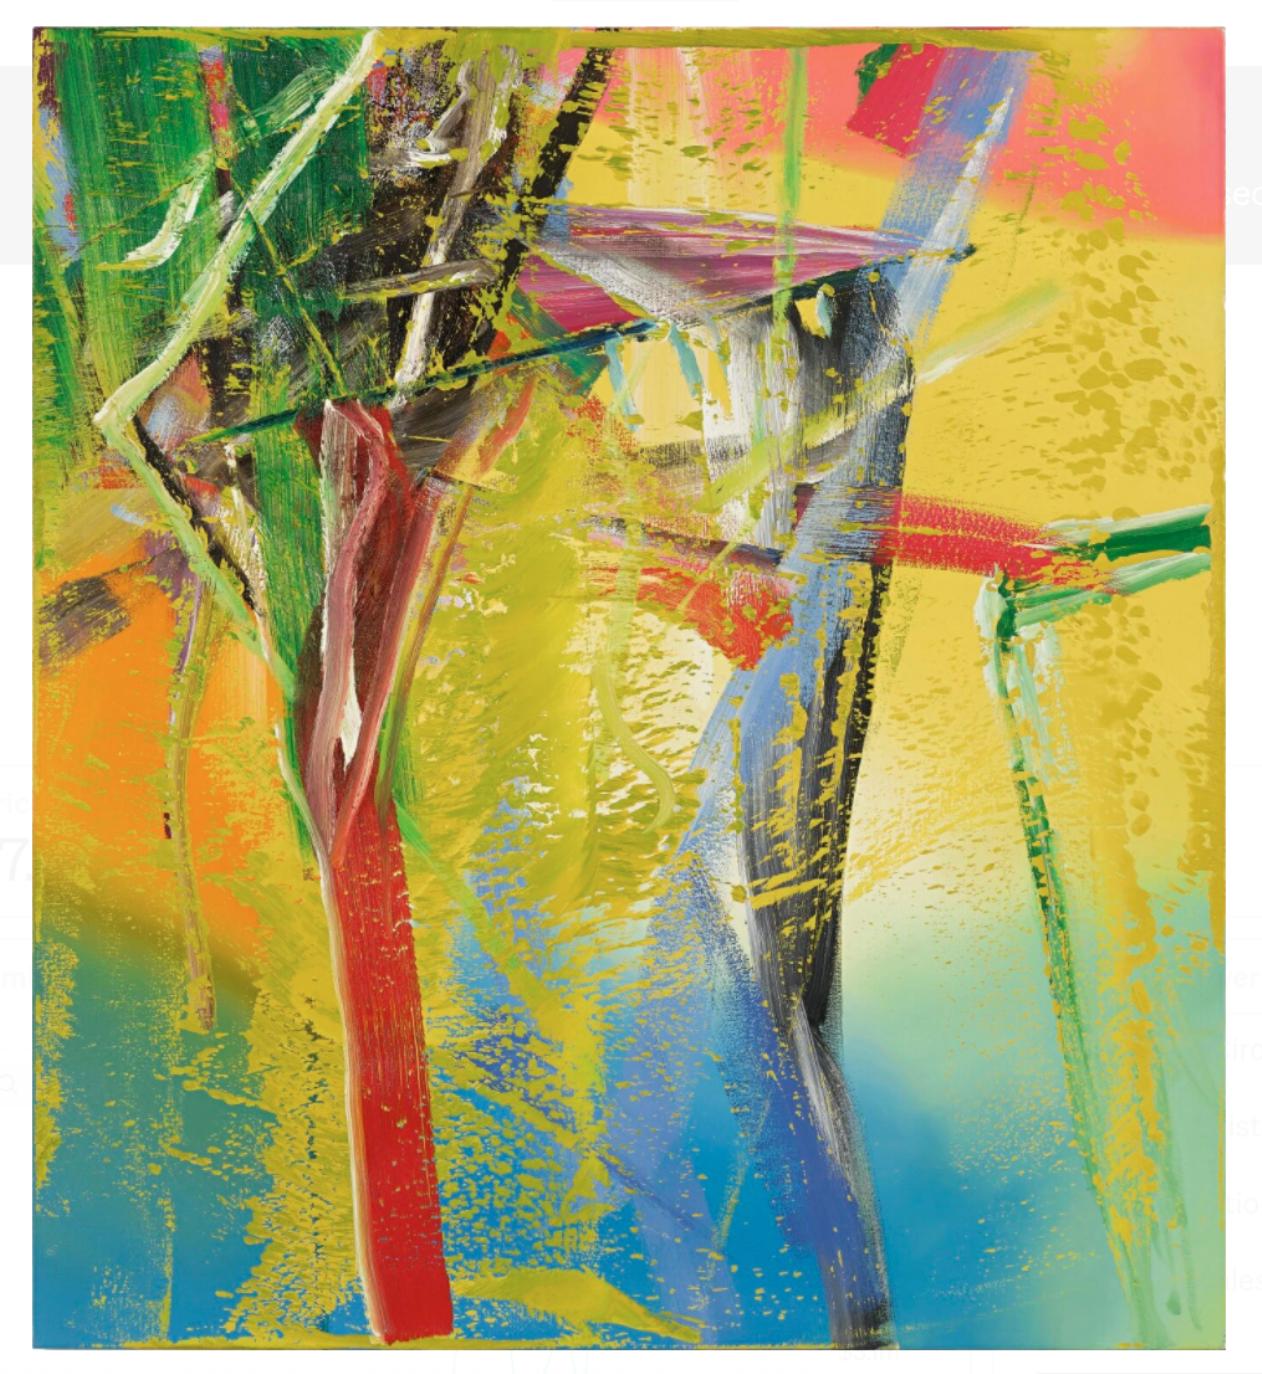 Ziege, 1984 by Gerhard Richter